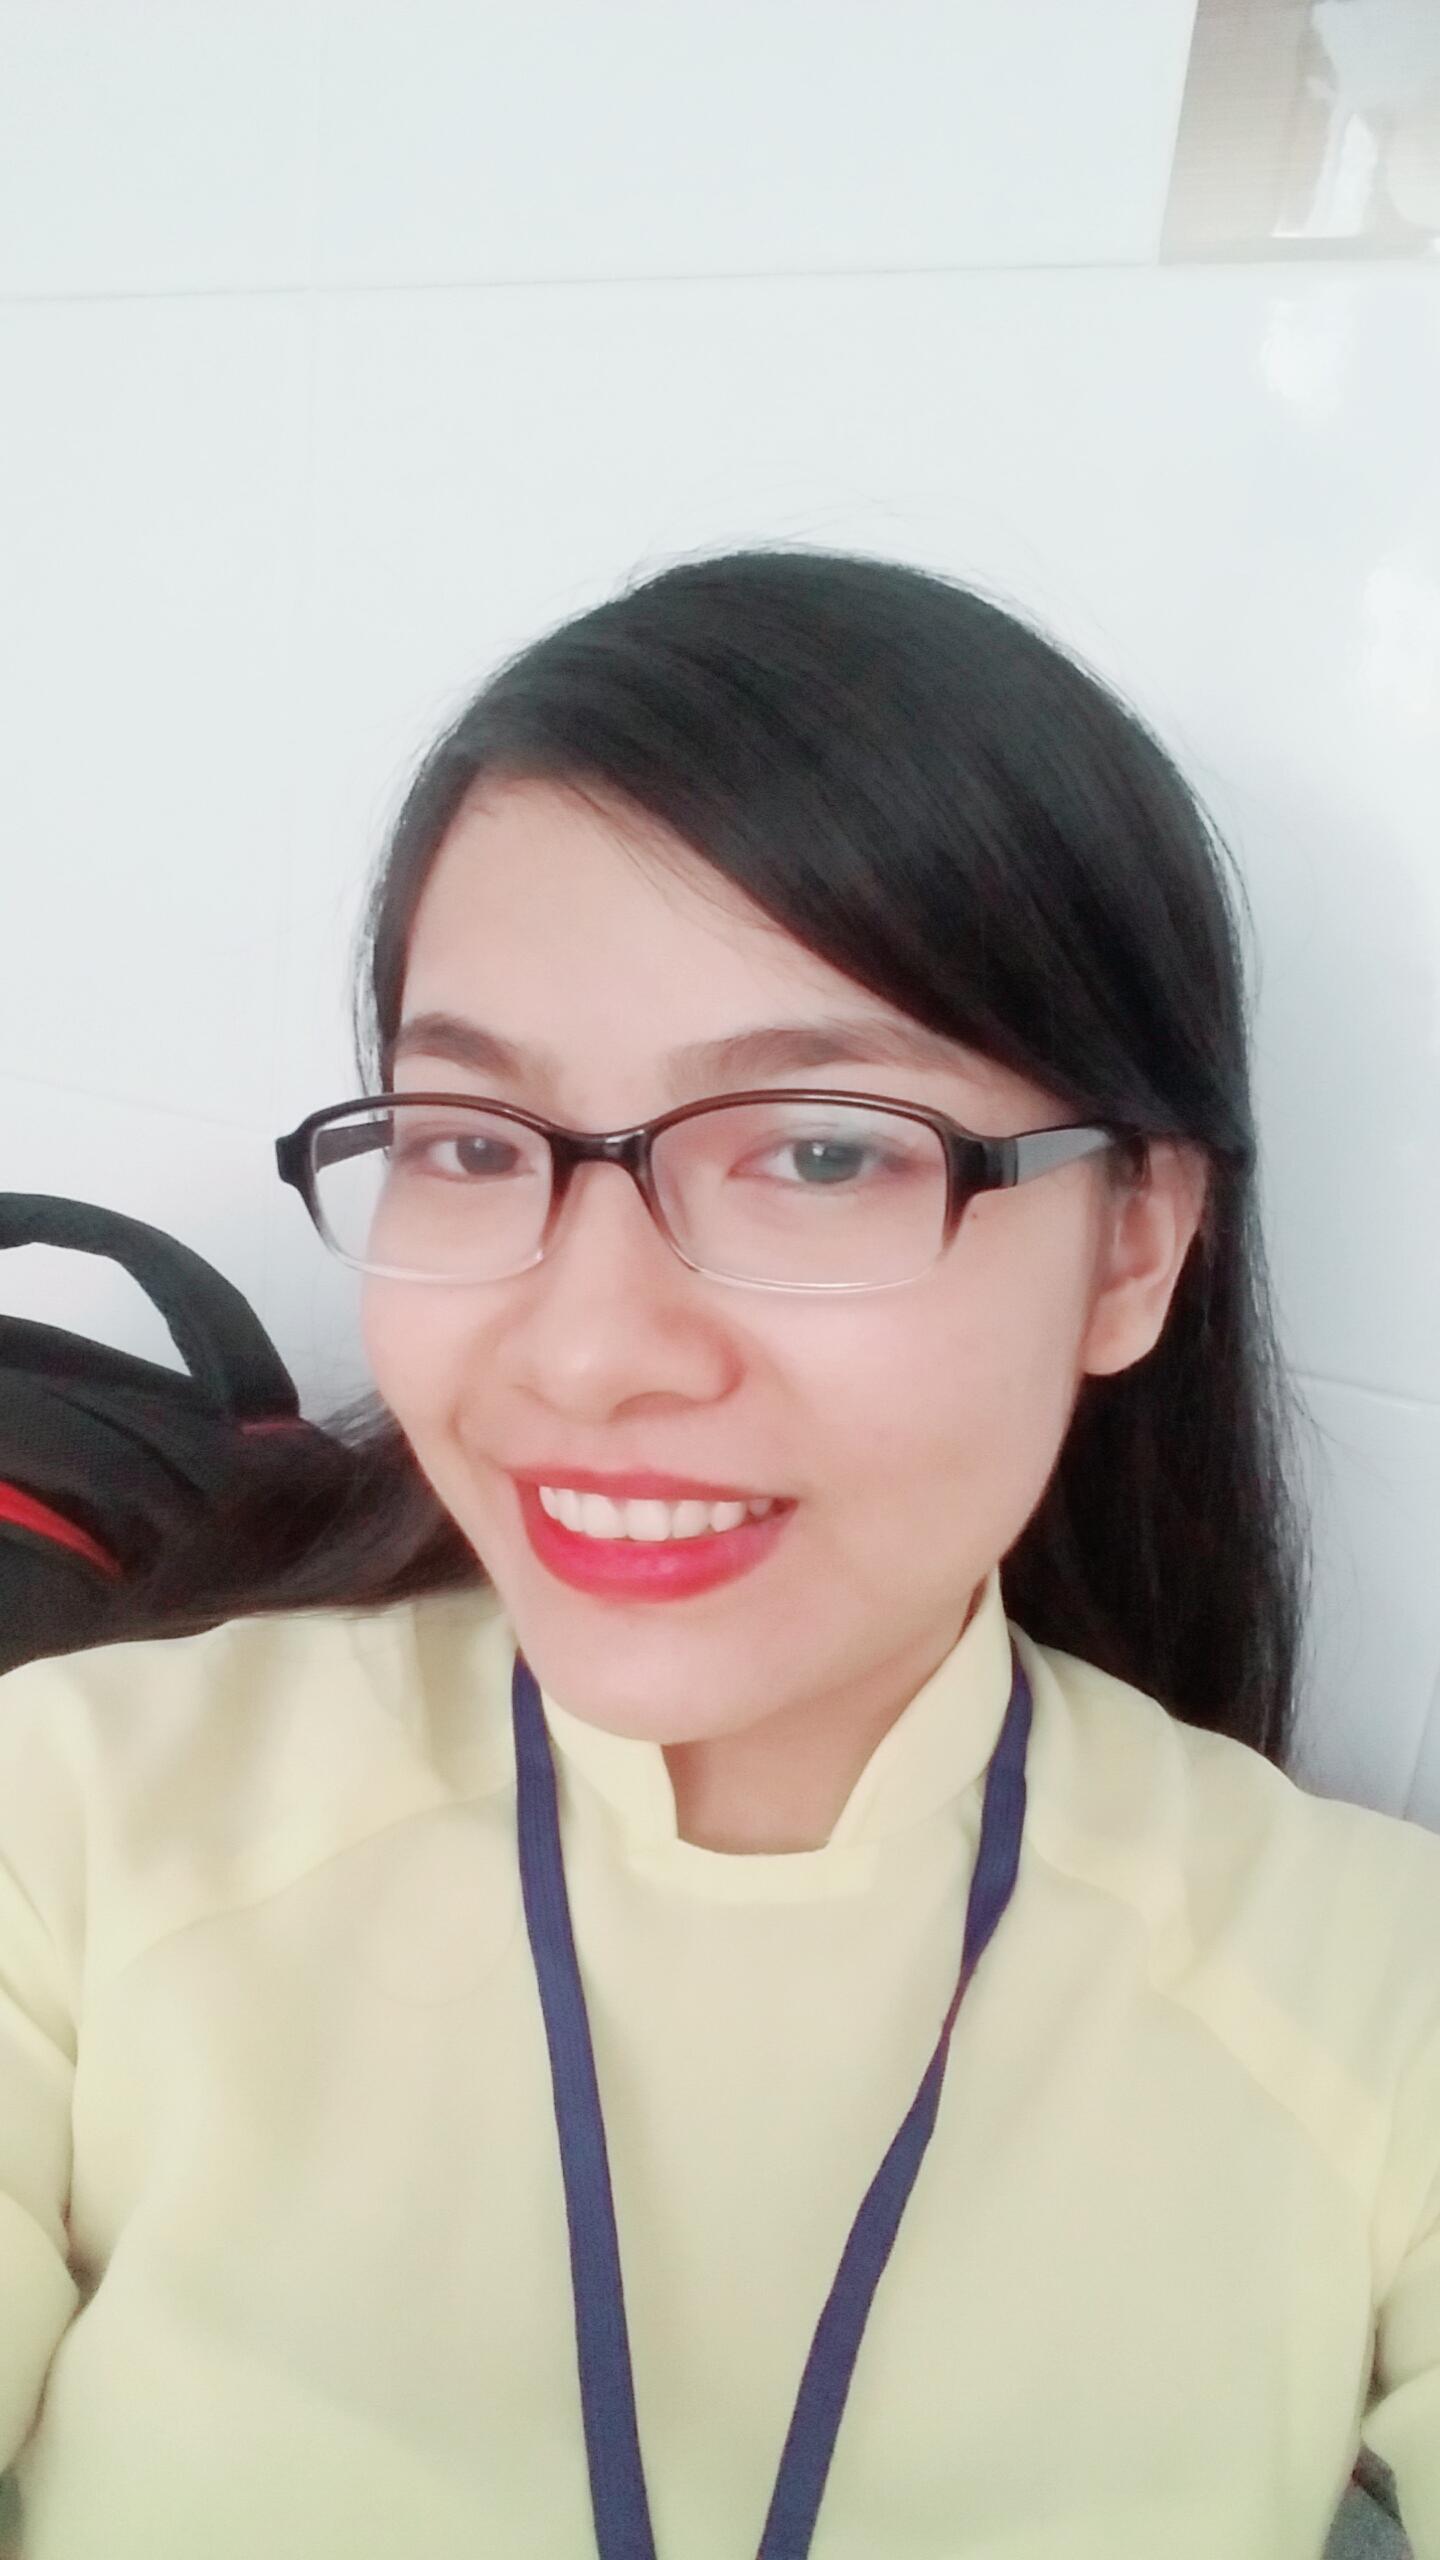 Võ Kim Chuyền